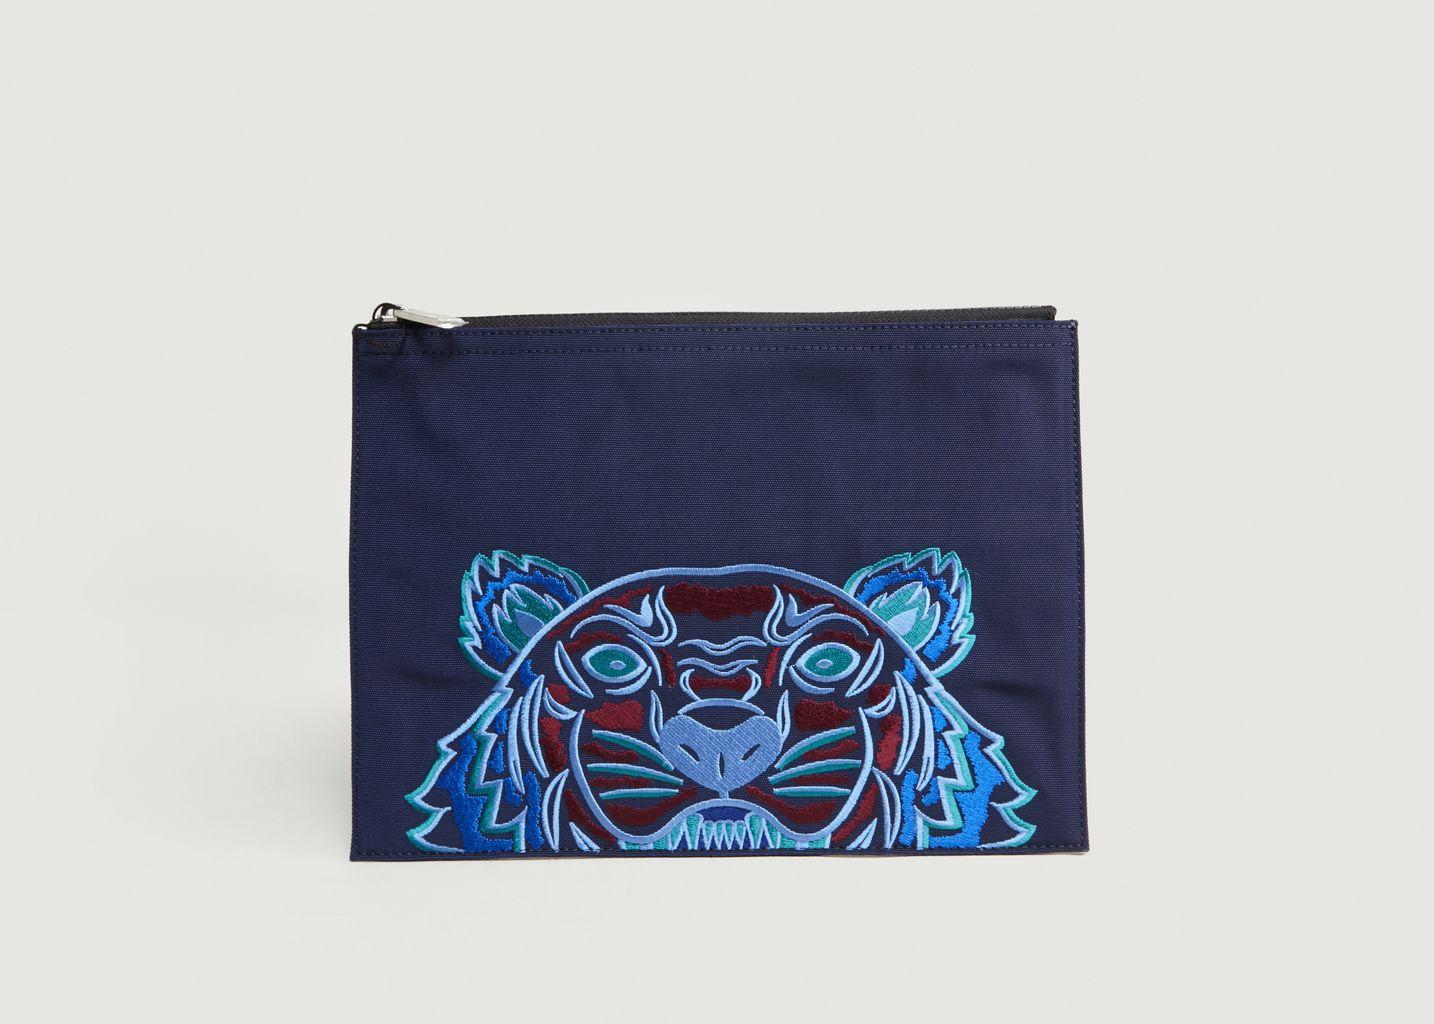 Pochette A4 Canvas Tigre  - Kenzo